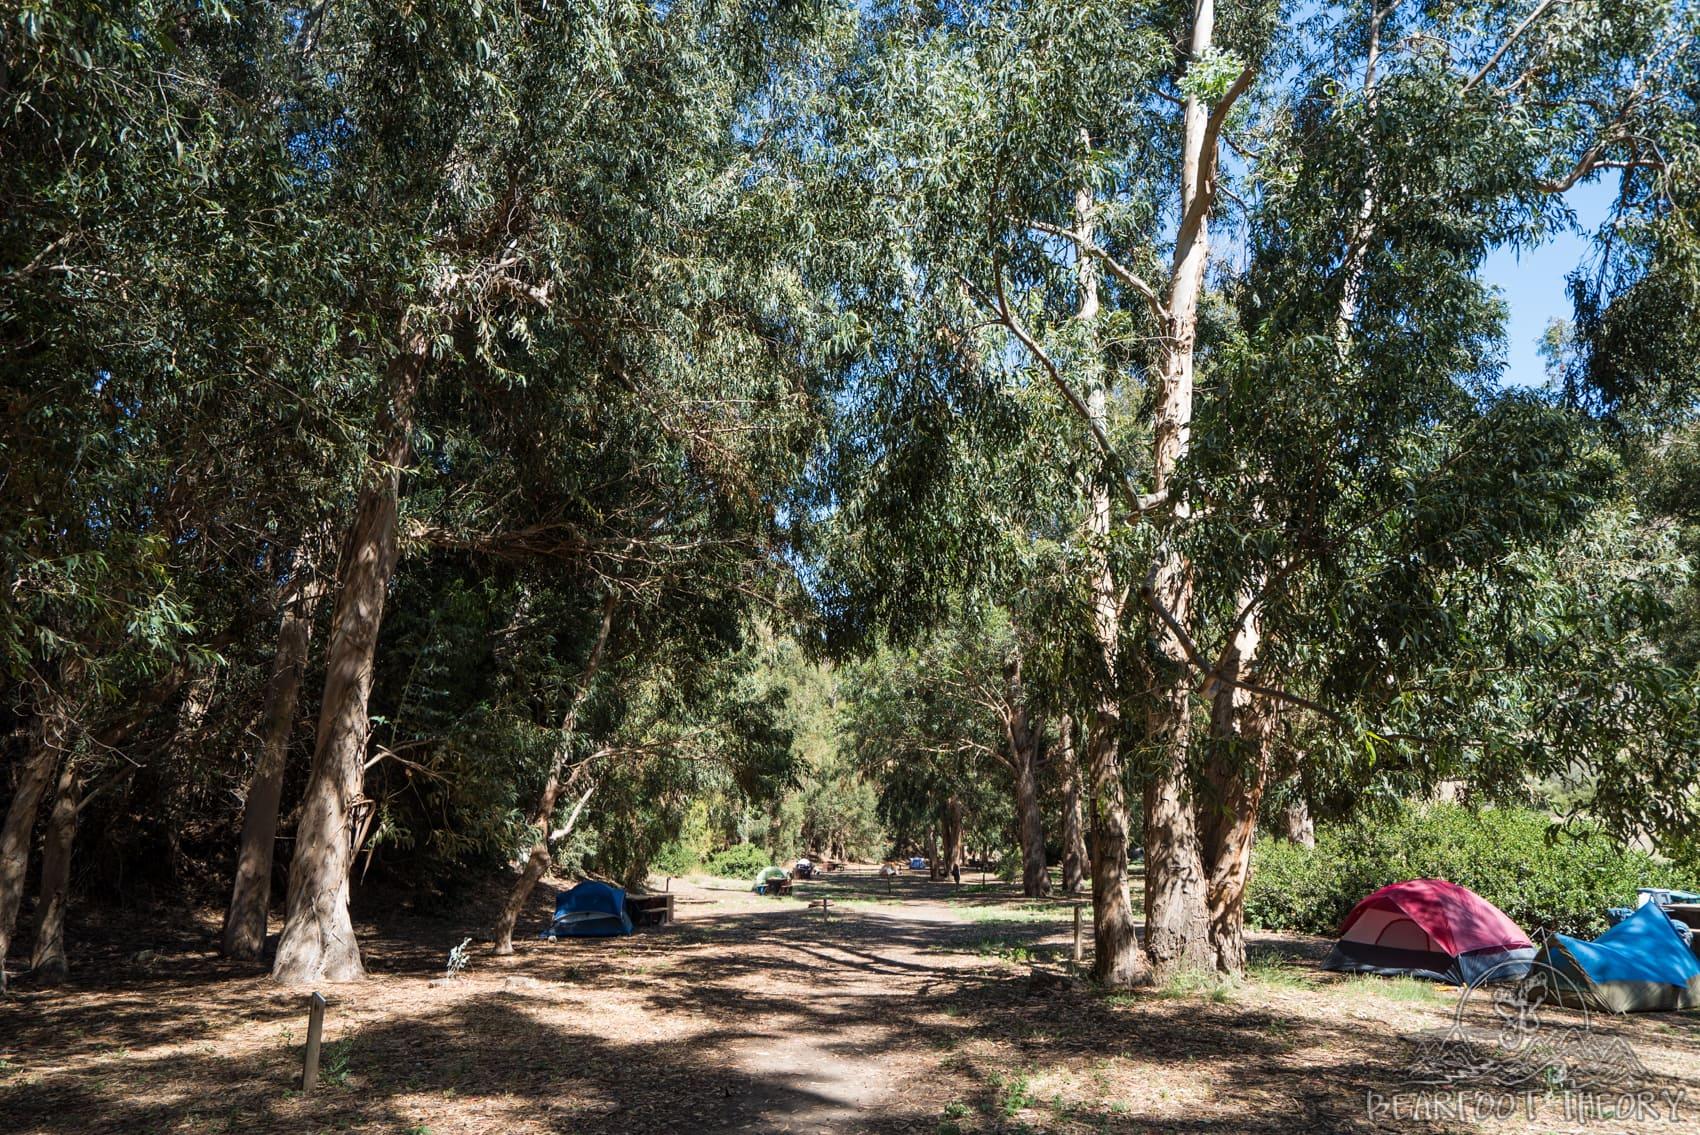 Camping at Scorpion Ranch Campground on Santa Cruz Island